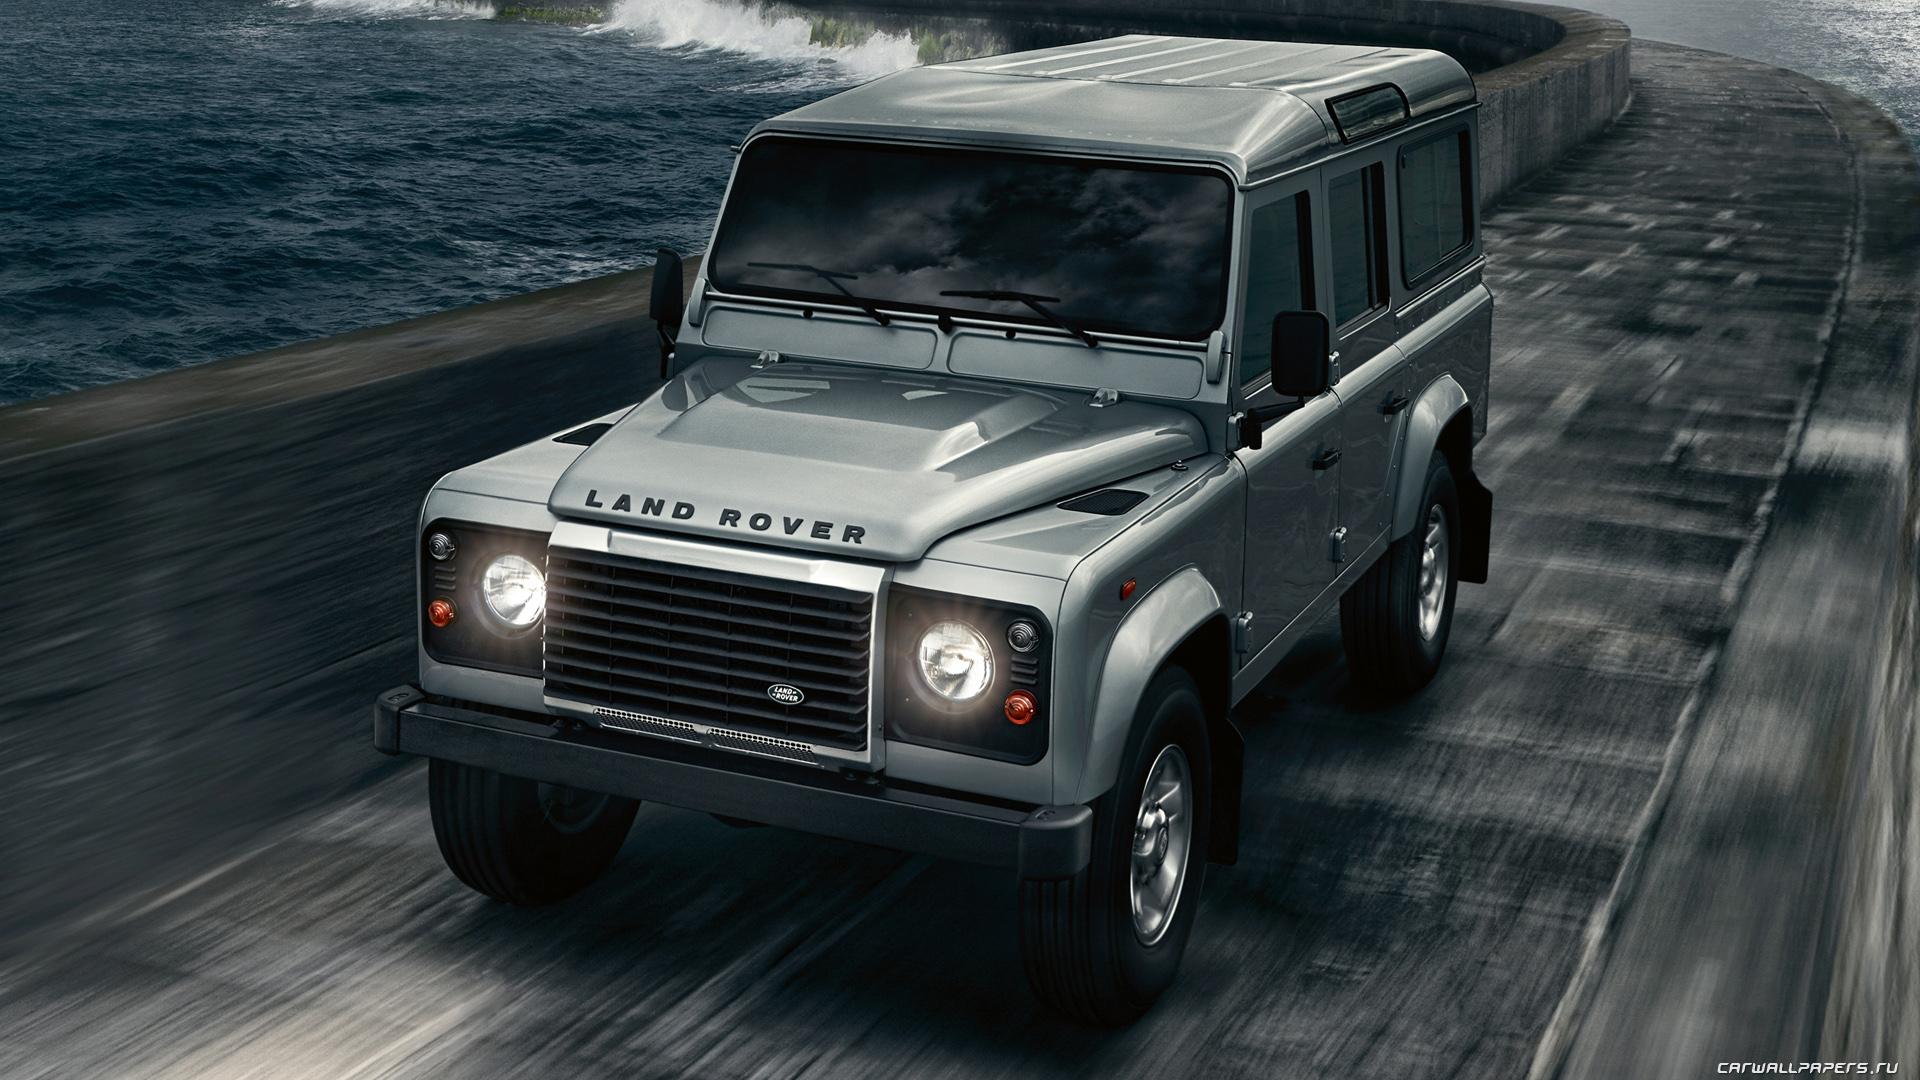 3dtuning of range rover defender suv 2011. Black Bedroom Furniture Sets. Home Design Ideas